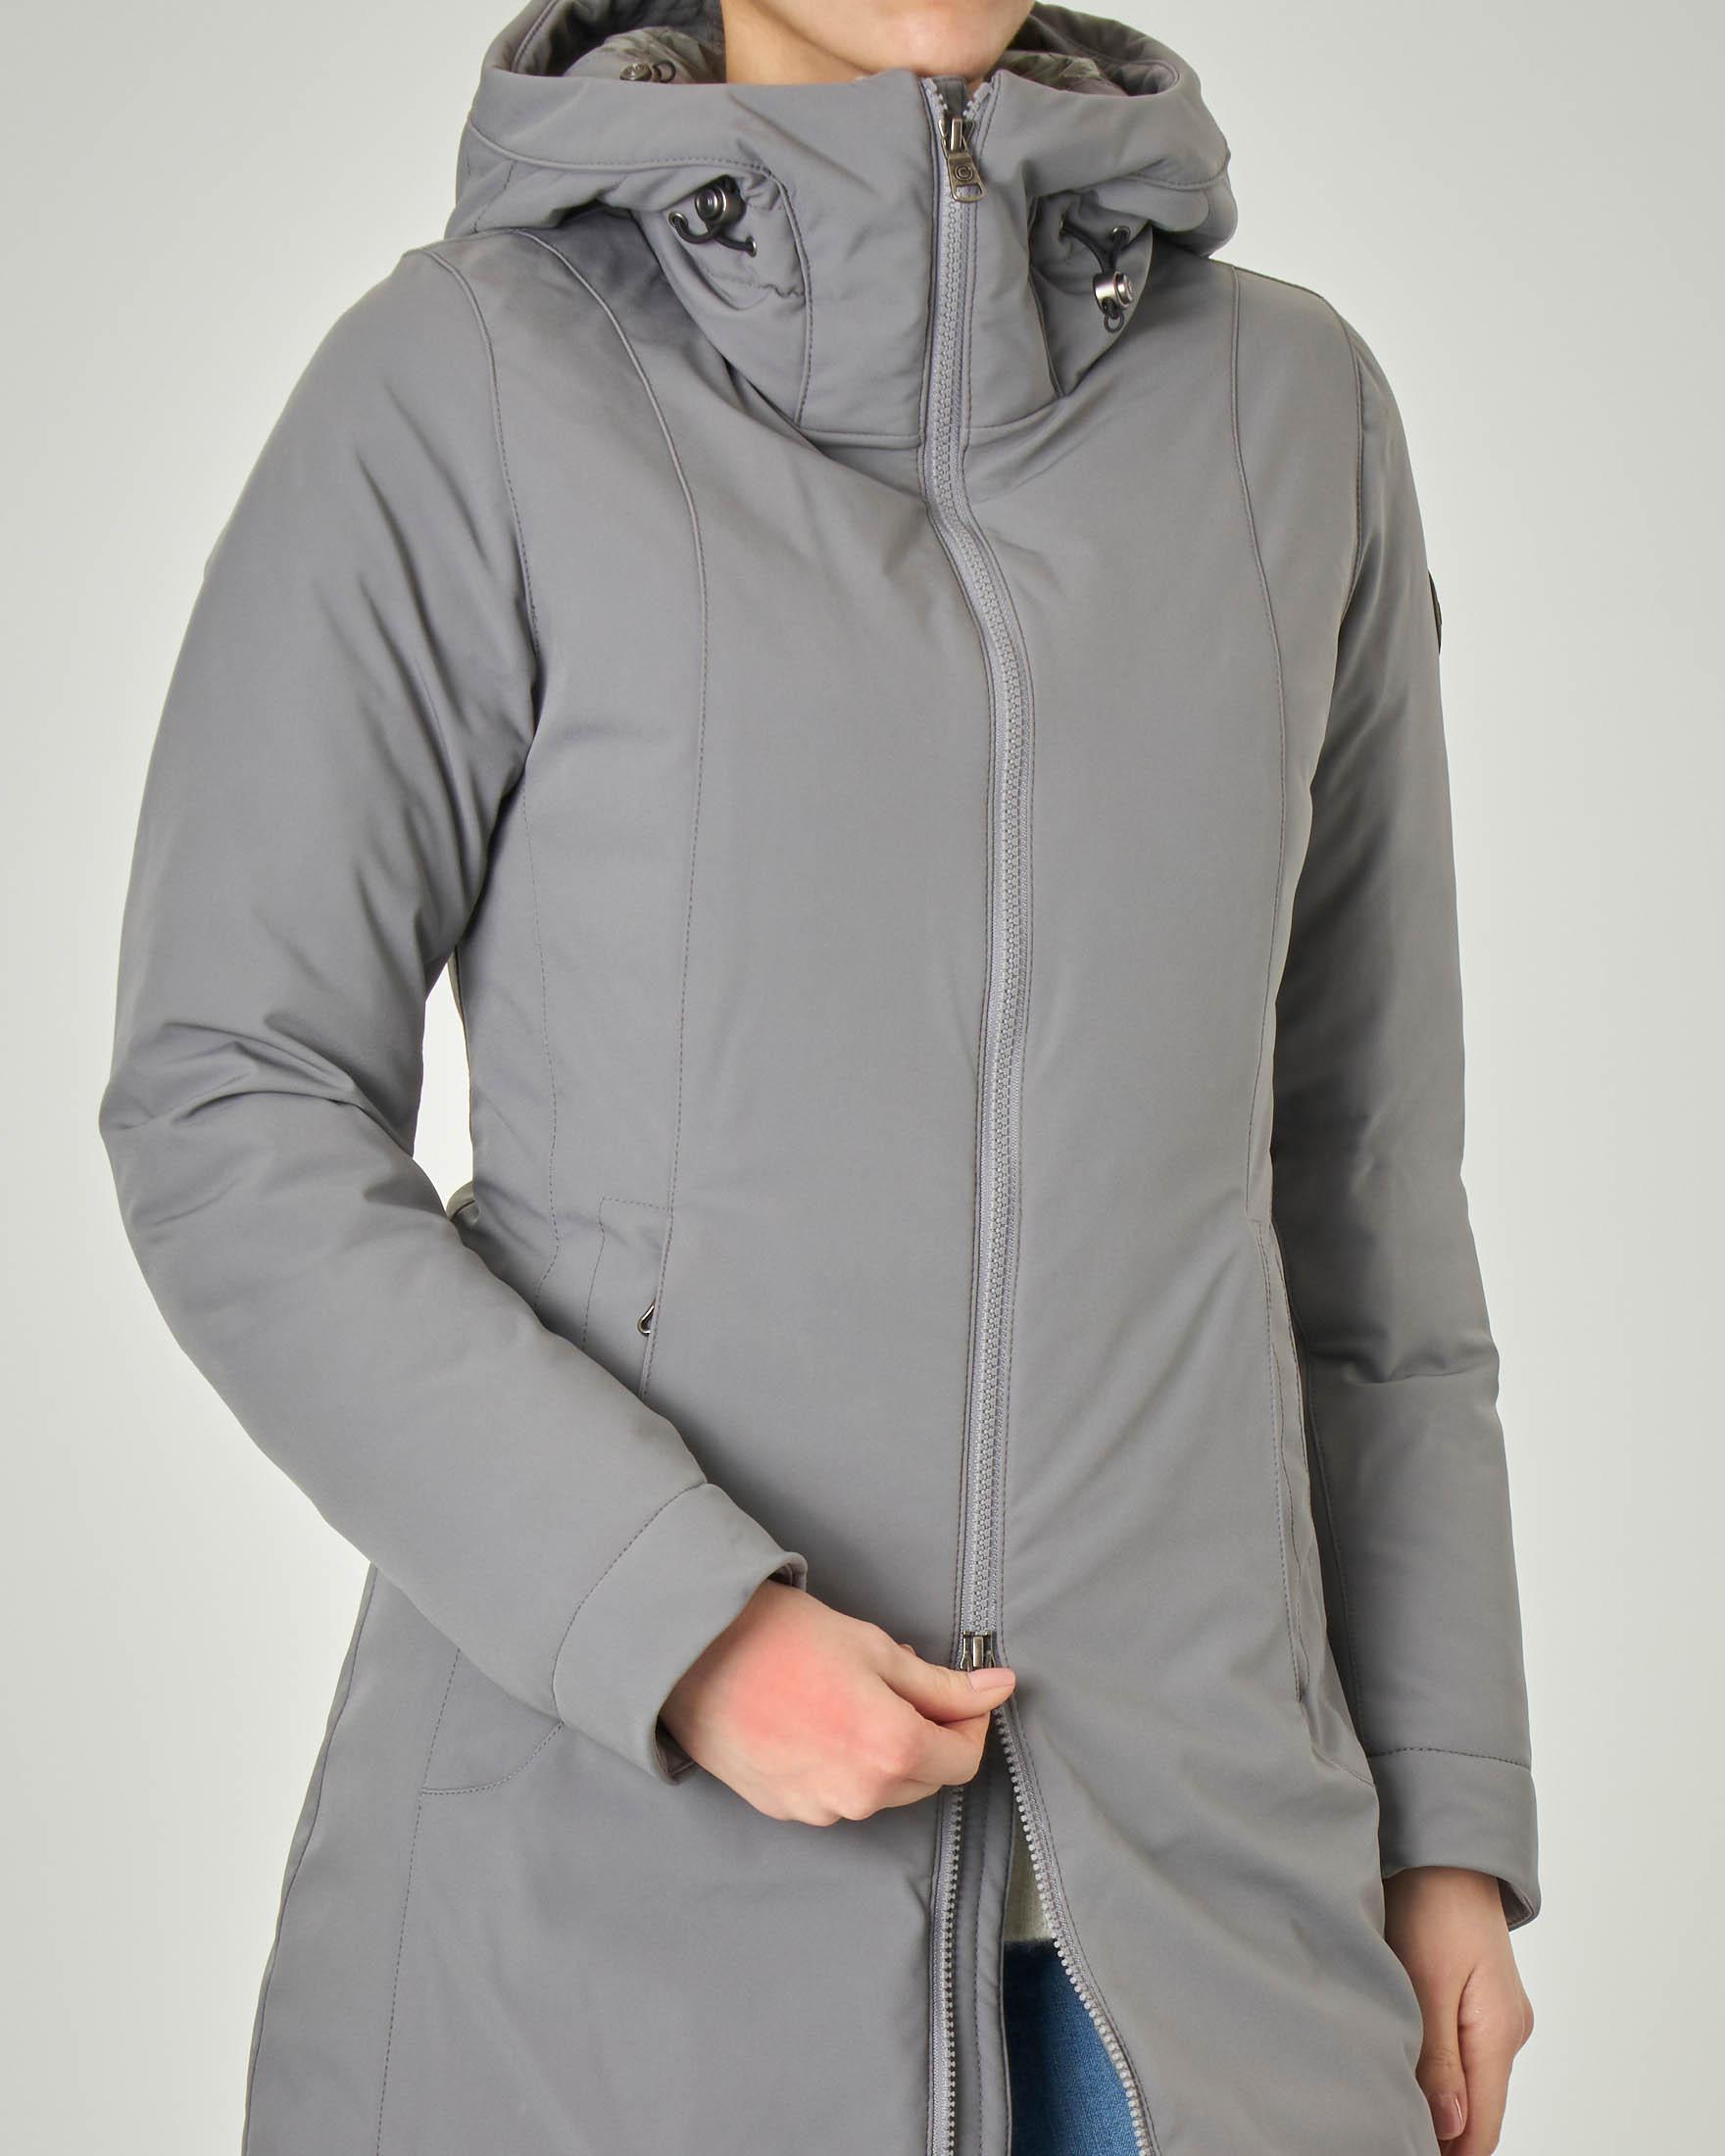 Giacca grigia lunga in tessuto tecnico opaco liscio con collo alto e cappuccio